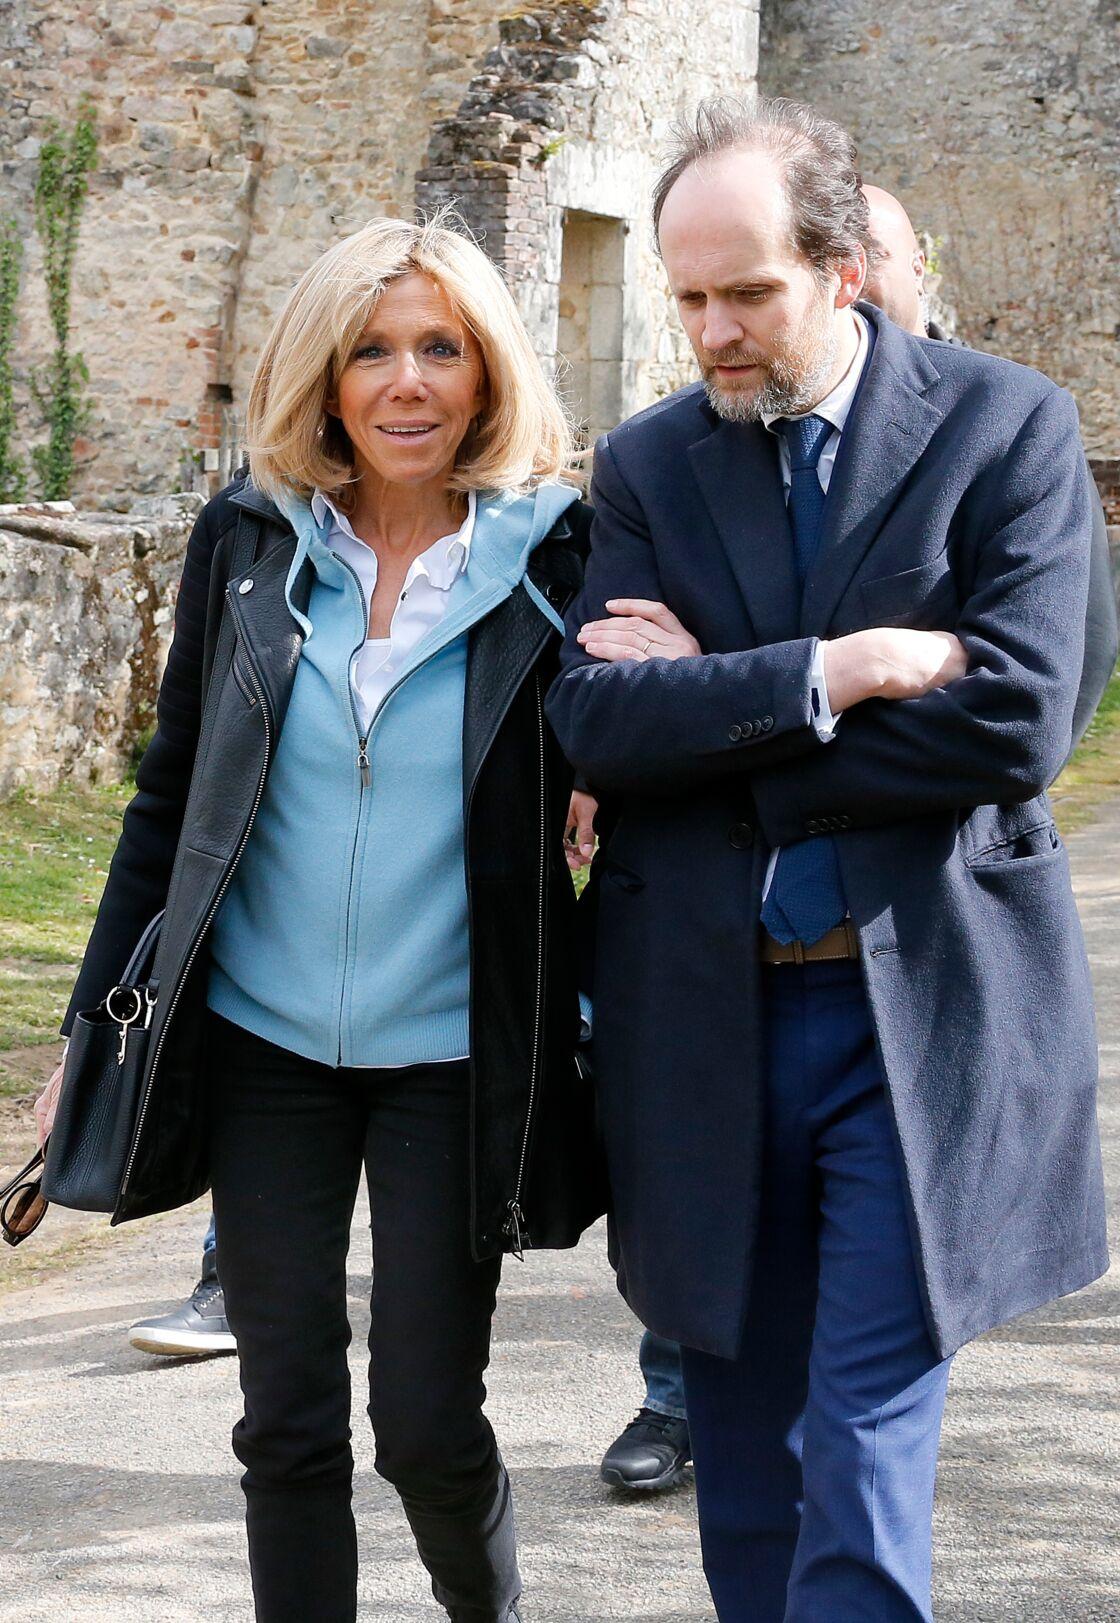 Brigitte Macron et Jean-Marc Dumont à Oradour-sur-Glane, village martyr de la deuxième guerre mondiale, le 28 Avril 2017